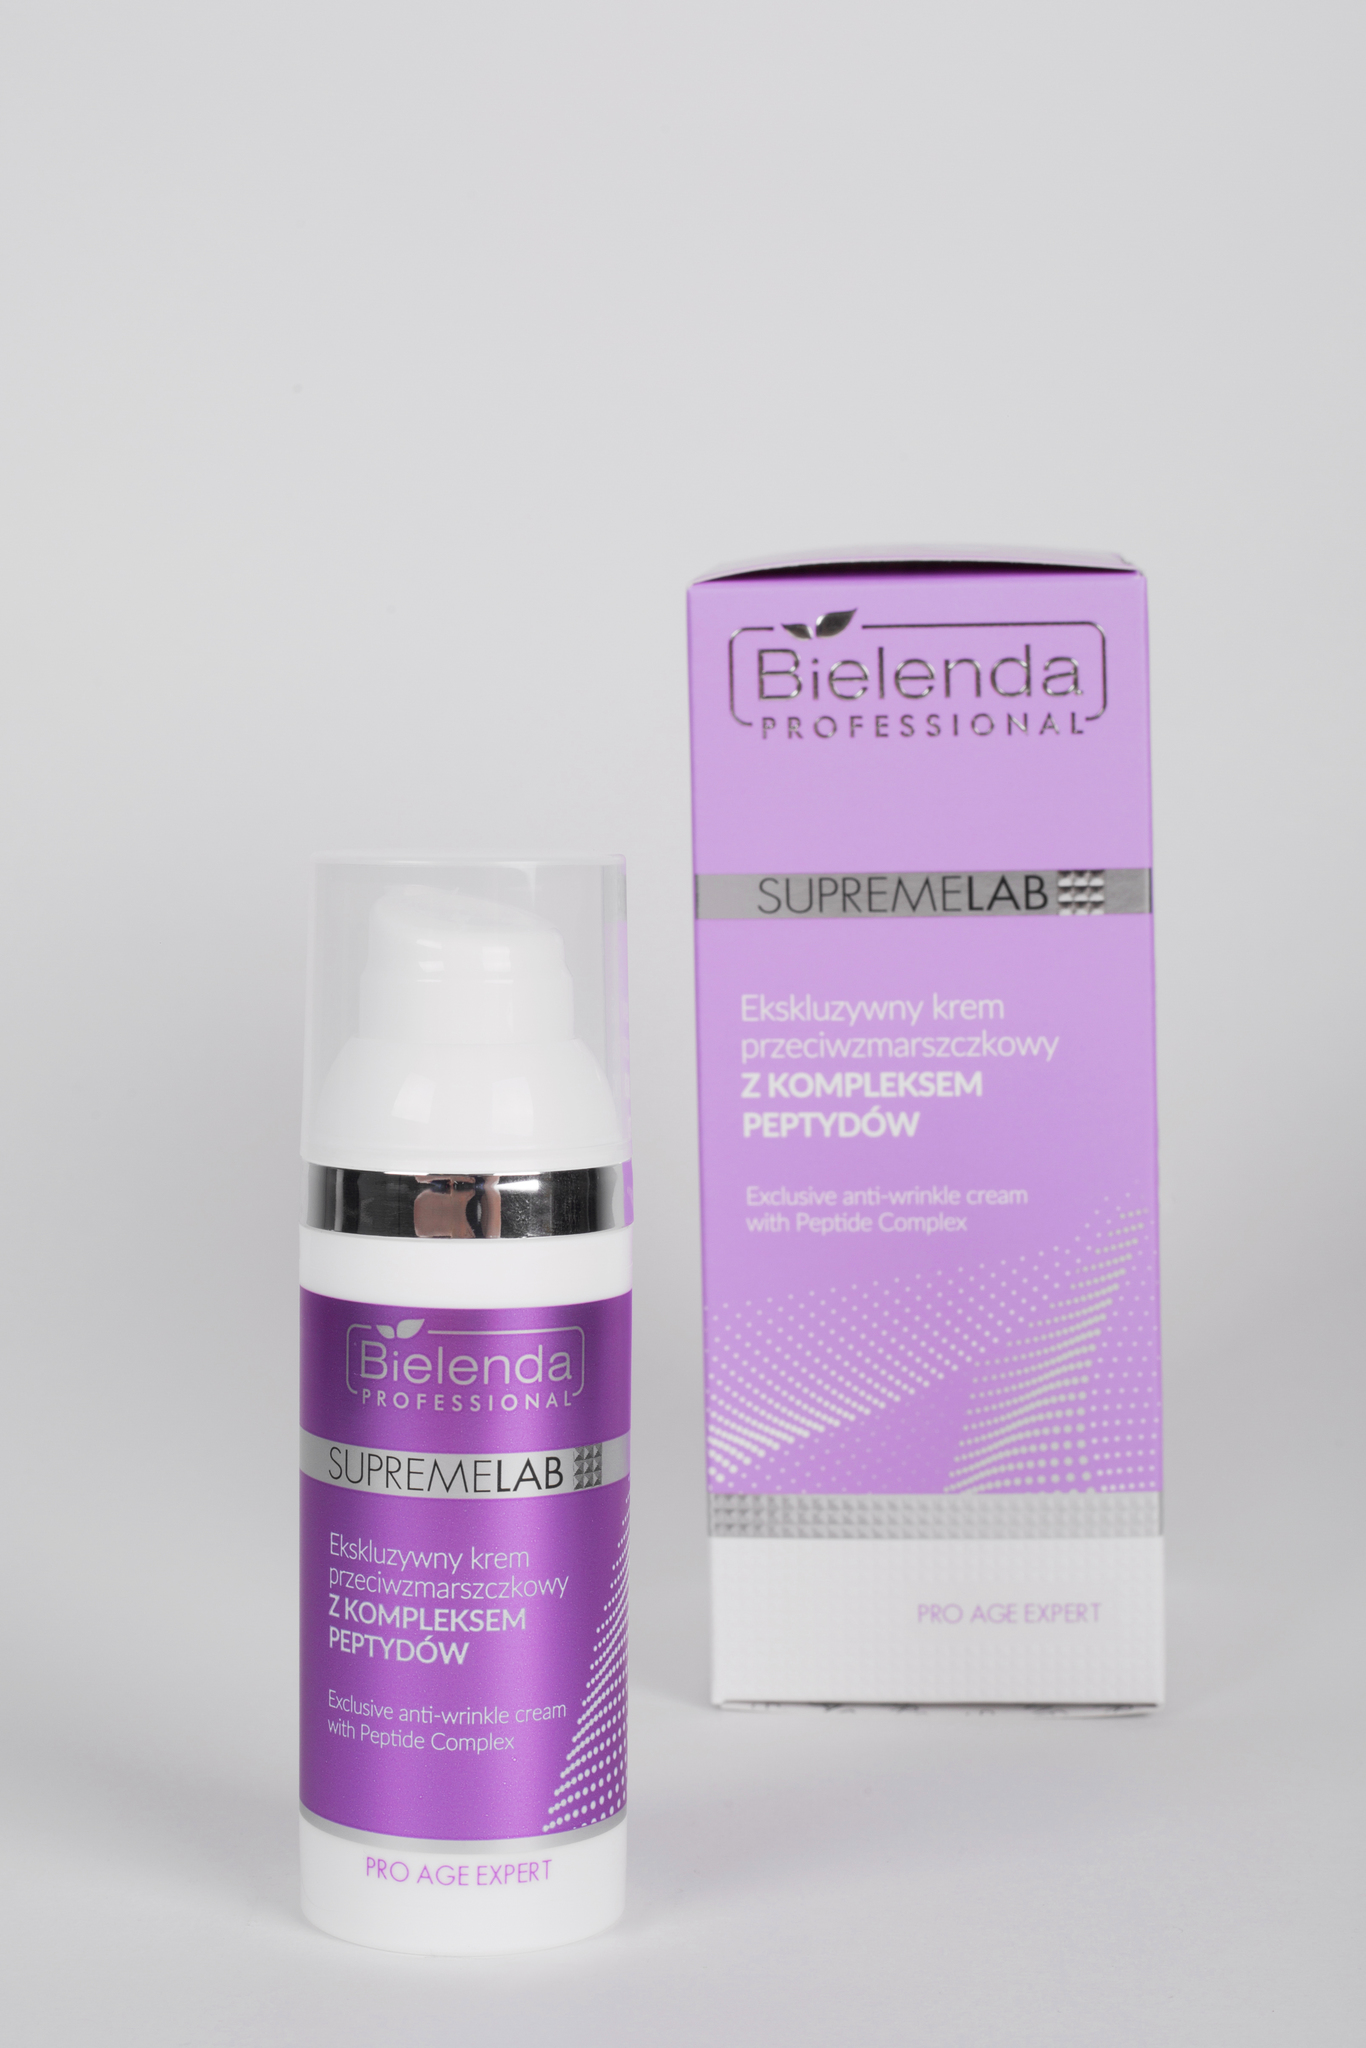 PRO AGE EXPERT Эксклюзивный крем против морщин с пептидным комплексом, 50 мл